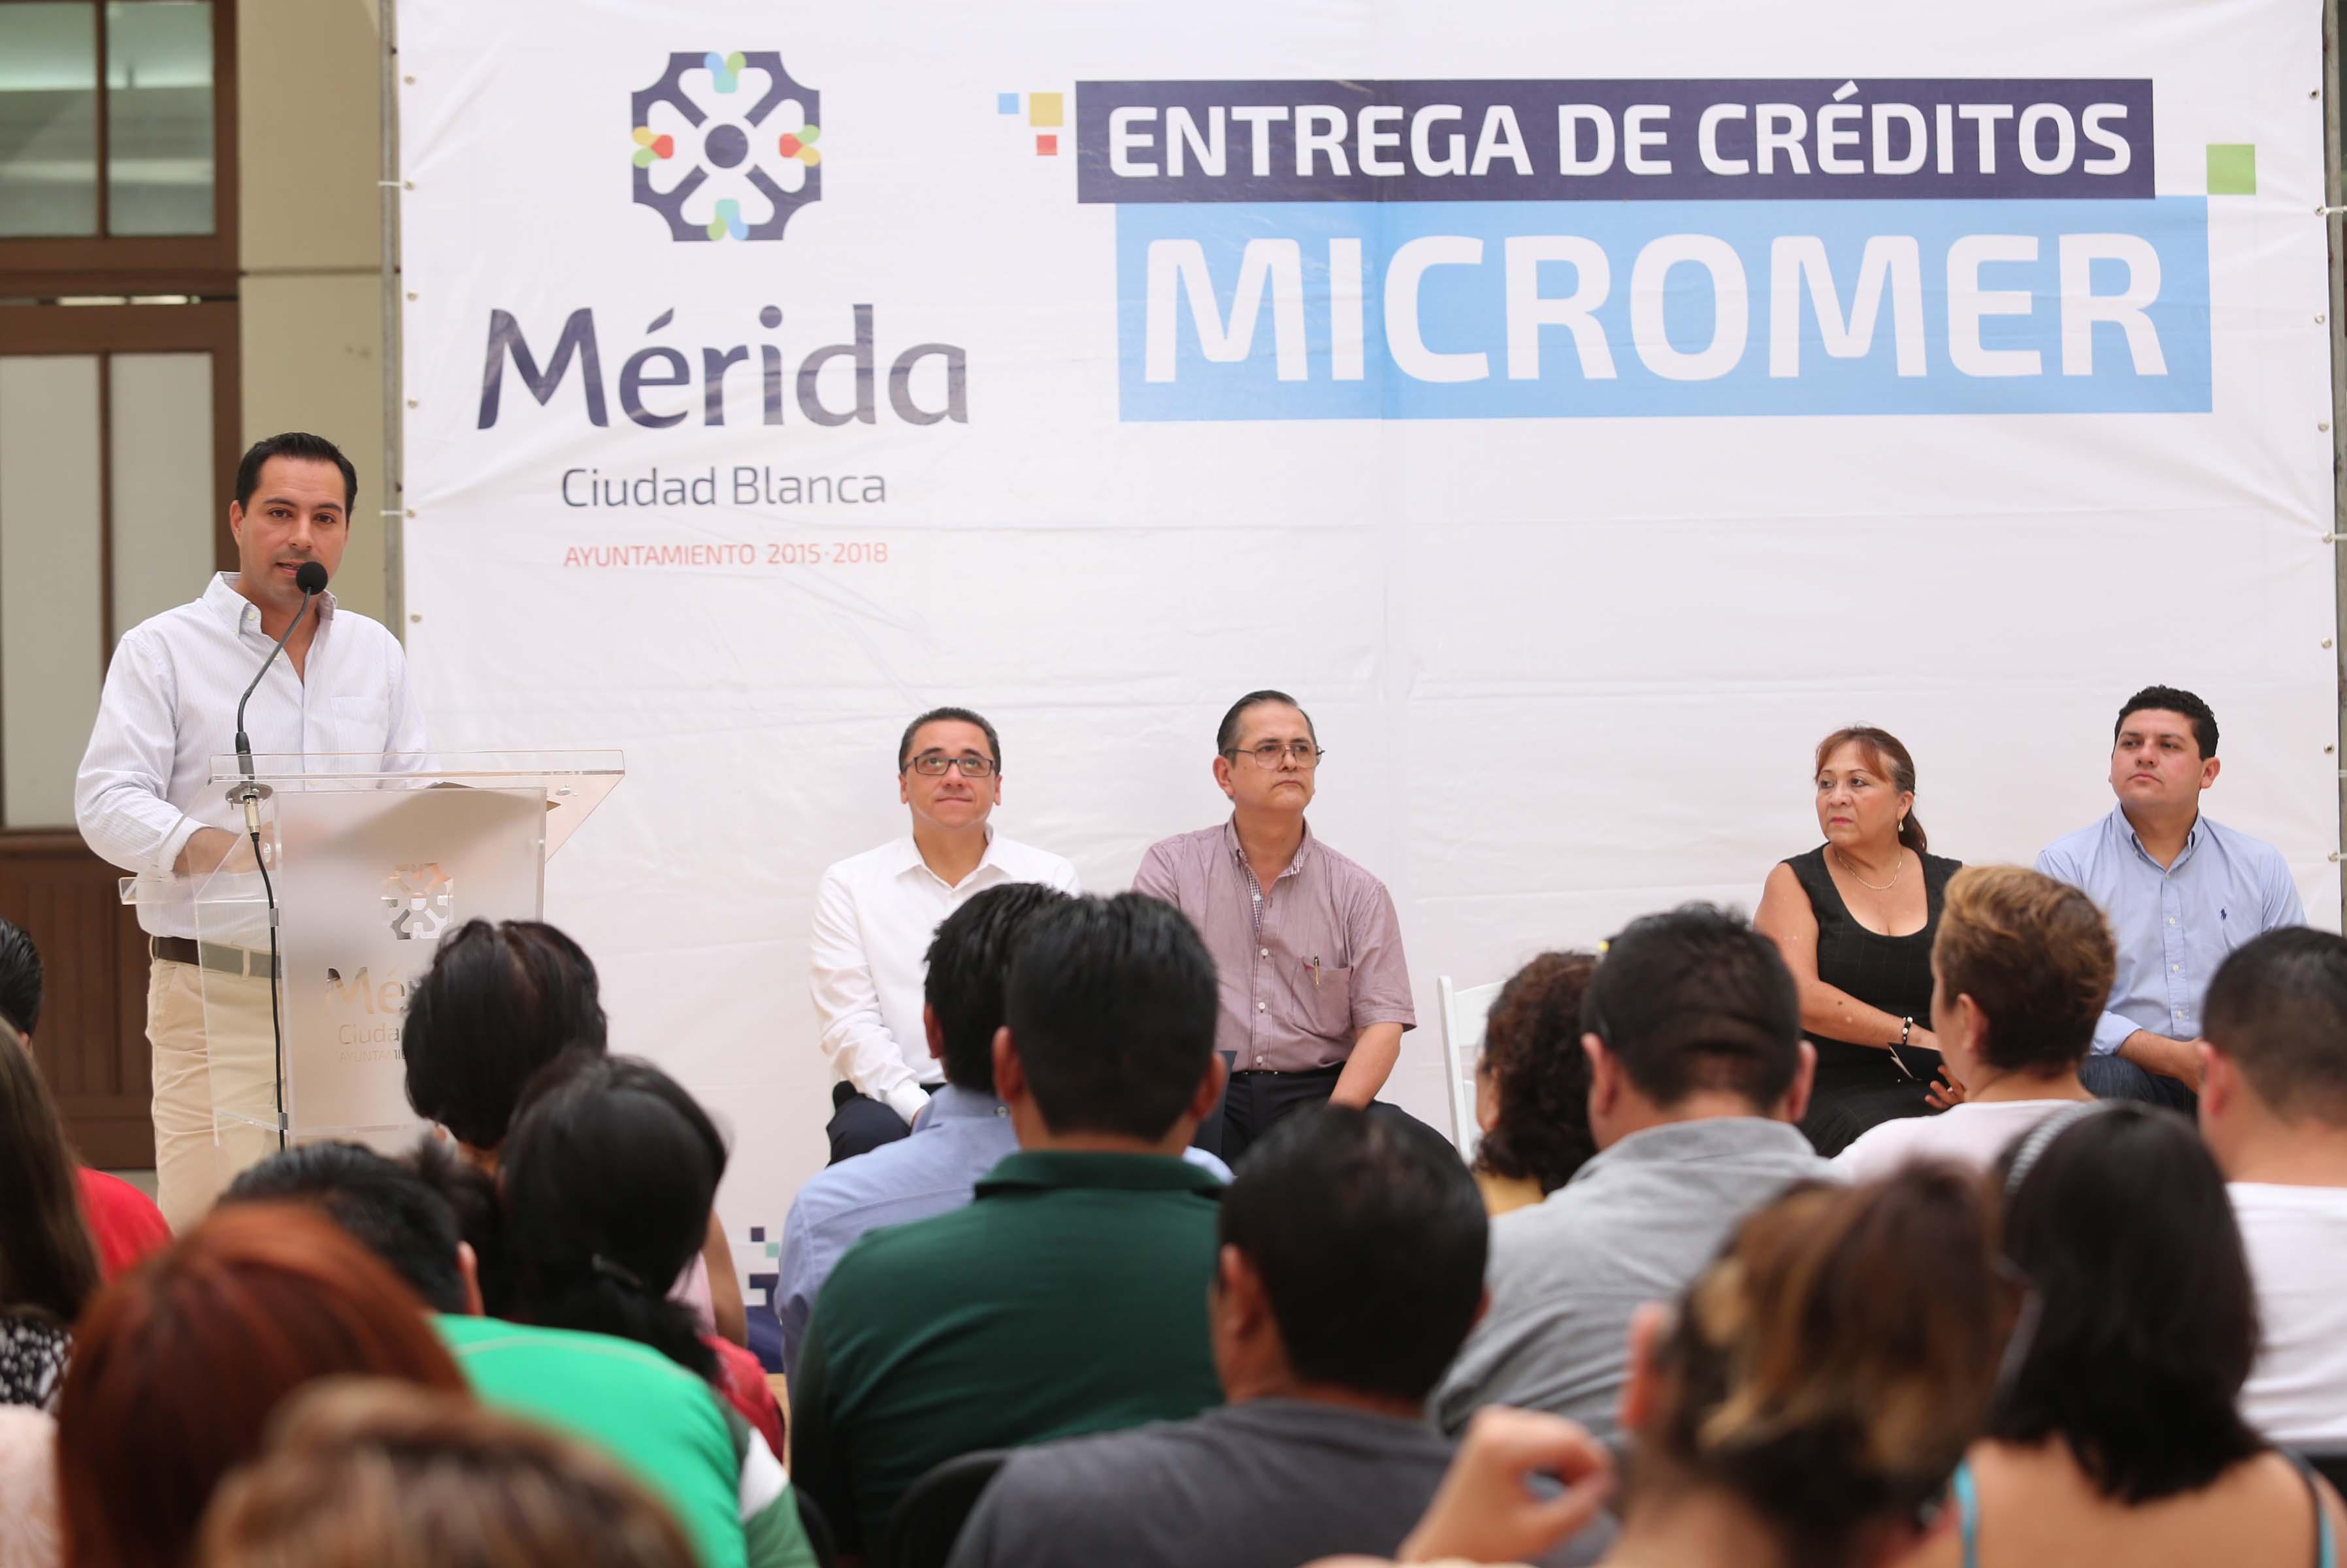 Tercera entrega créditos Micromer en lo que va del año